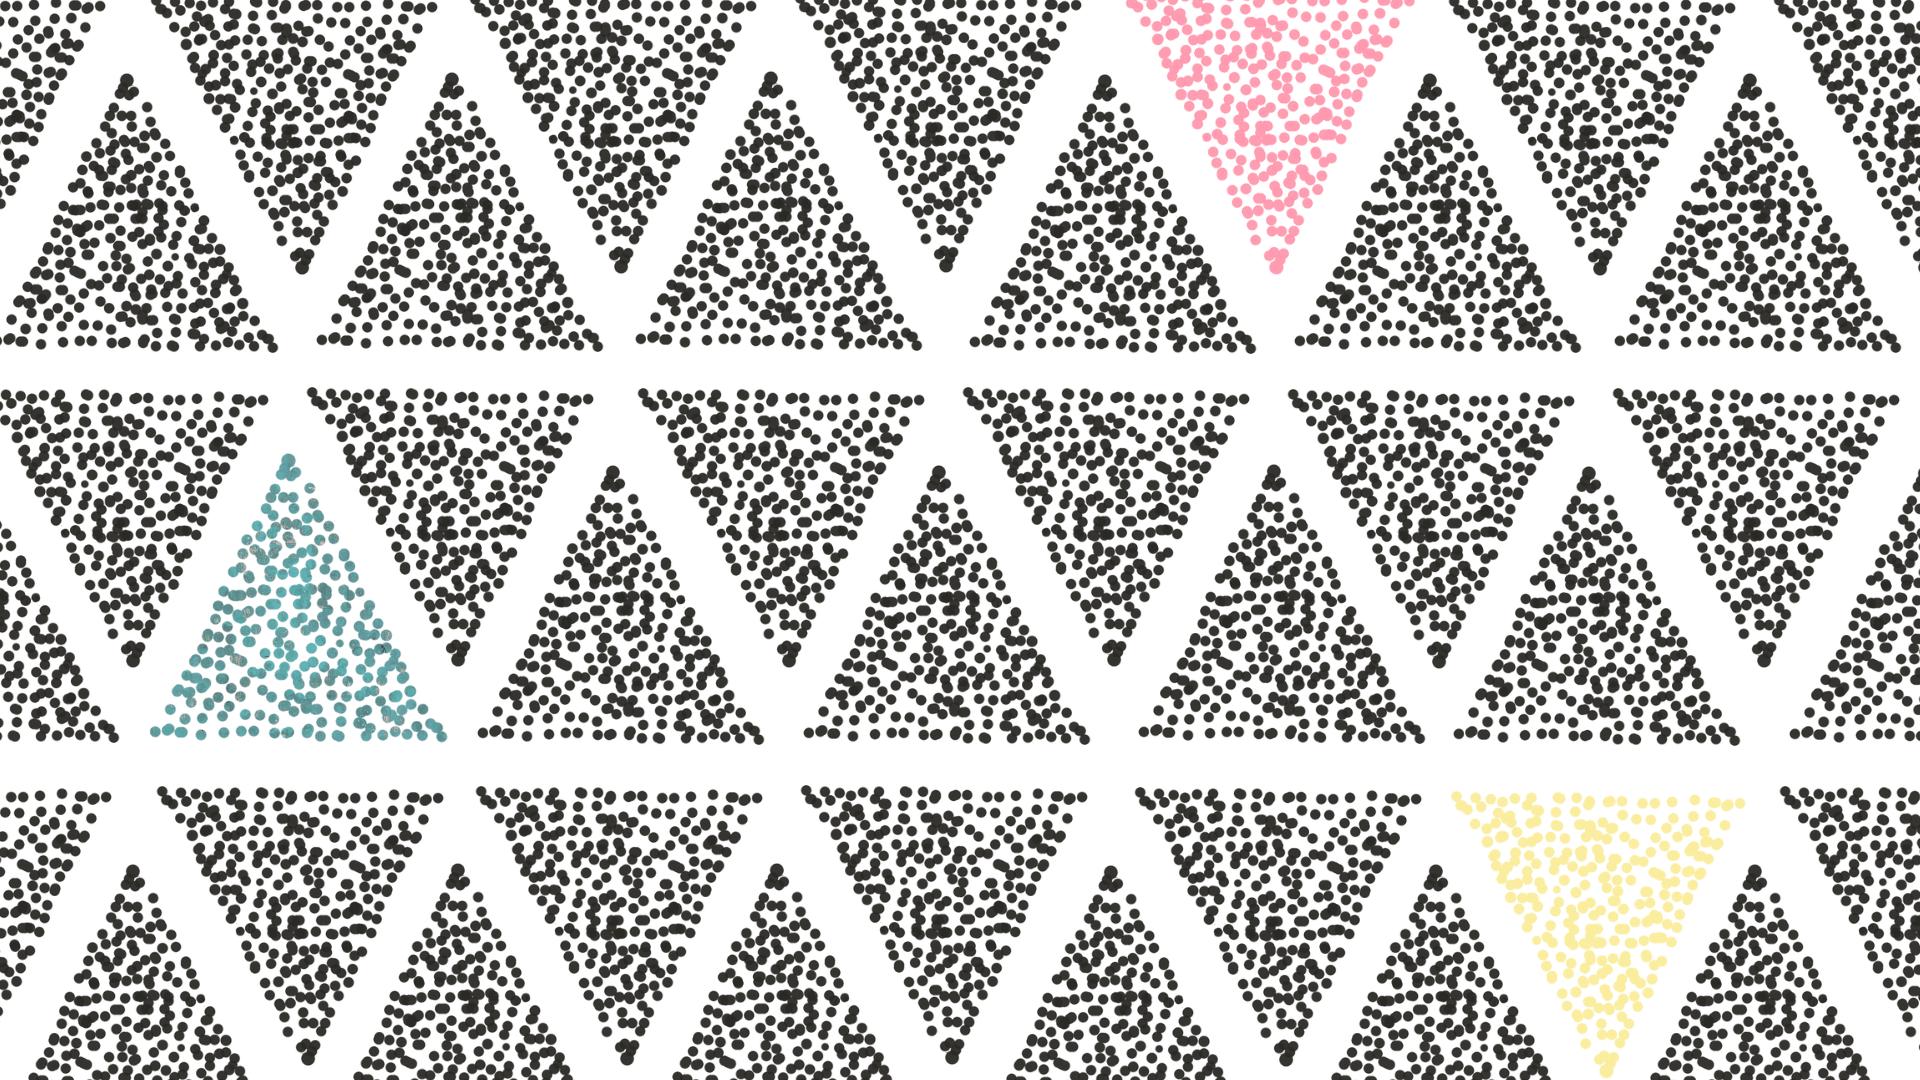 patroon rebranding mira hannink